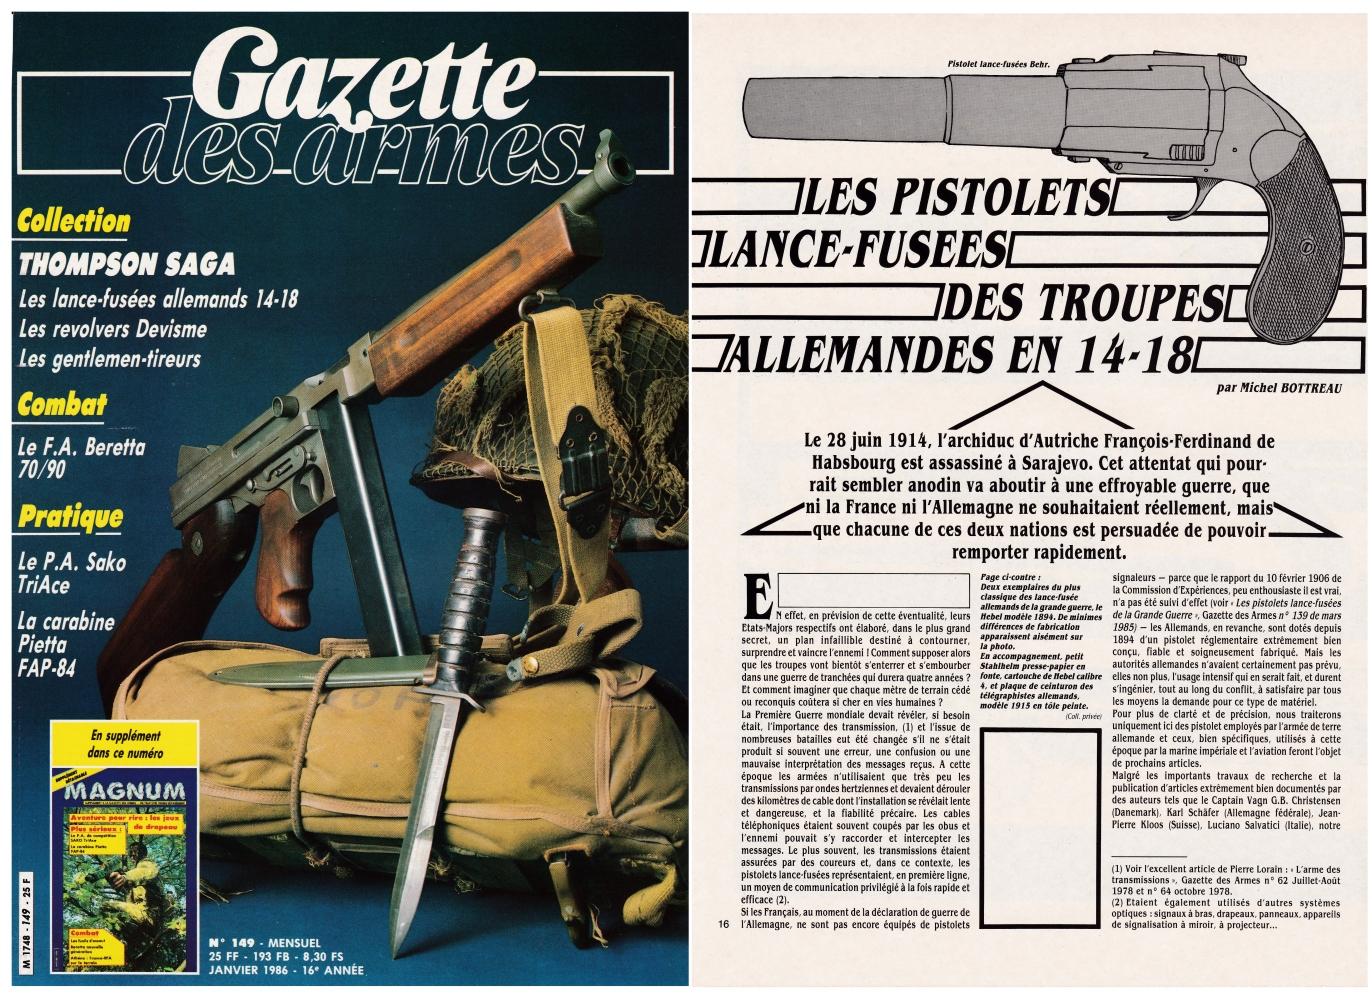 Les pistolets lance-fusées des troupes allemandes de 14-18 ont fait l'objet d'une publication sur 8 pages dans le magazine Gazette des Armes n°149 (janvier 1986).